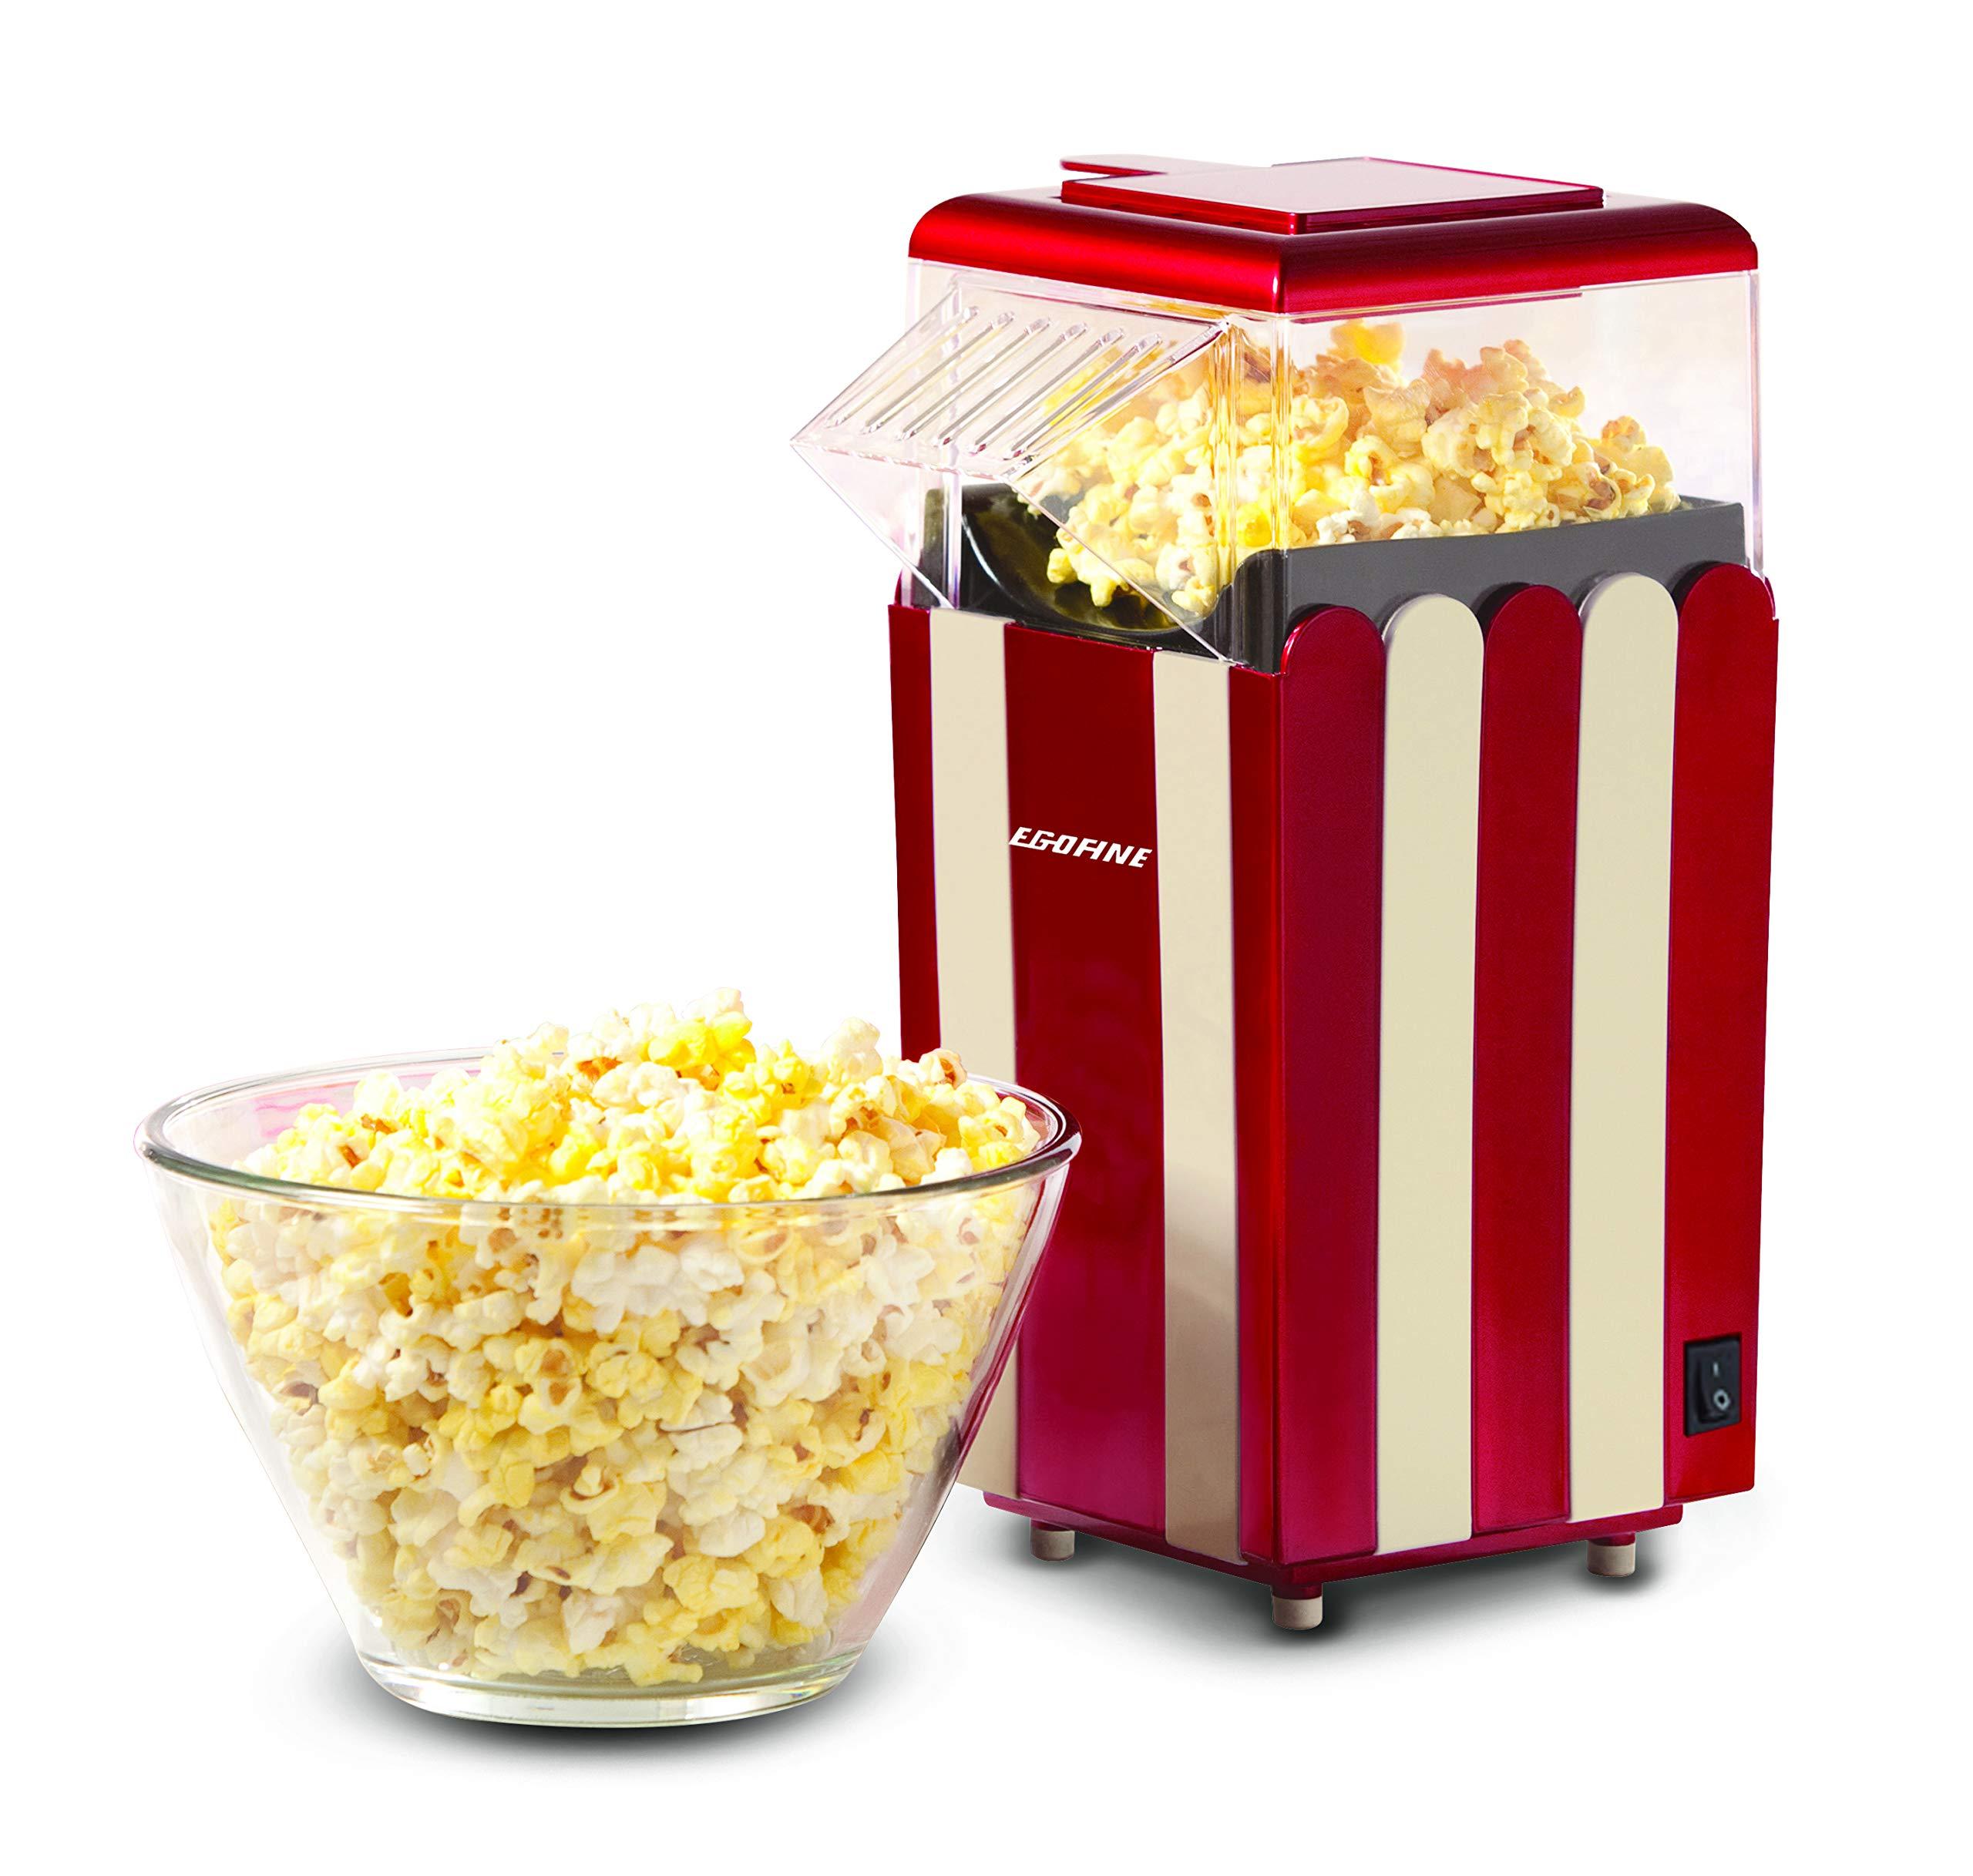 Egofine Popcorn Maker Machine, 1200W Healthy Hot Air Popcorn Popper, No Oil Needed by Egofine